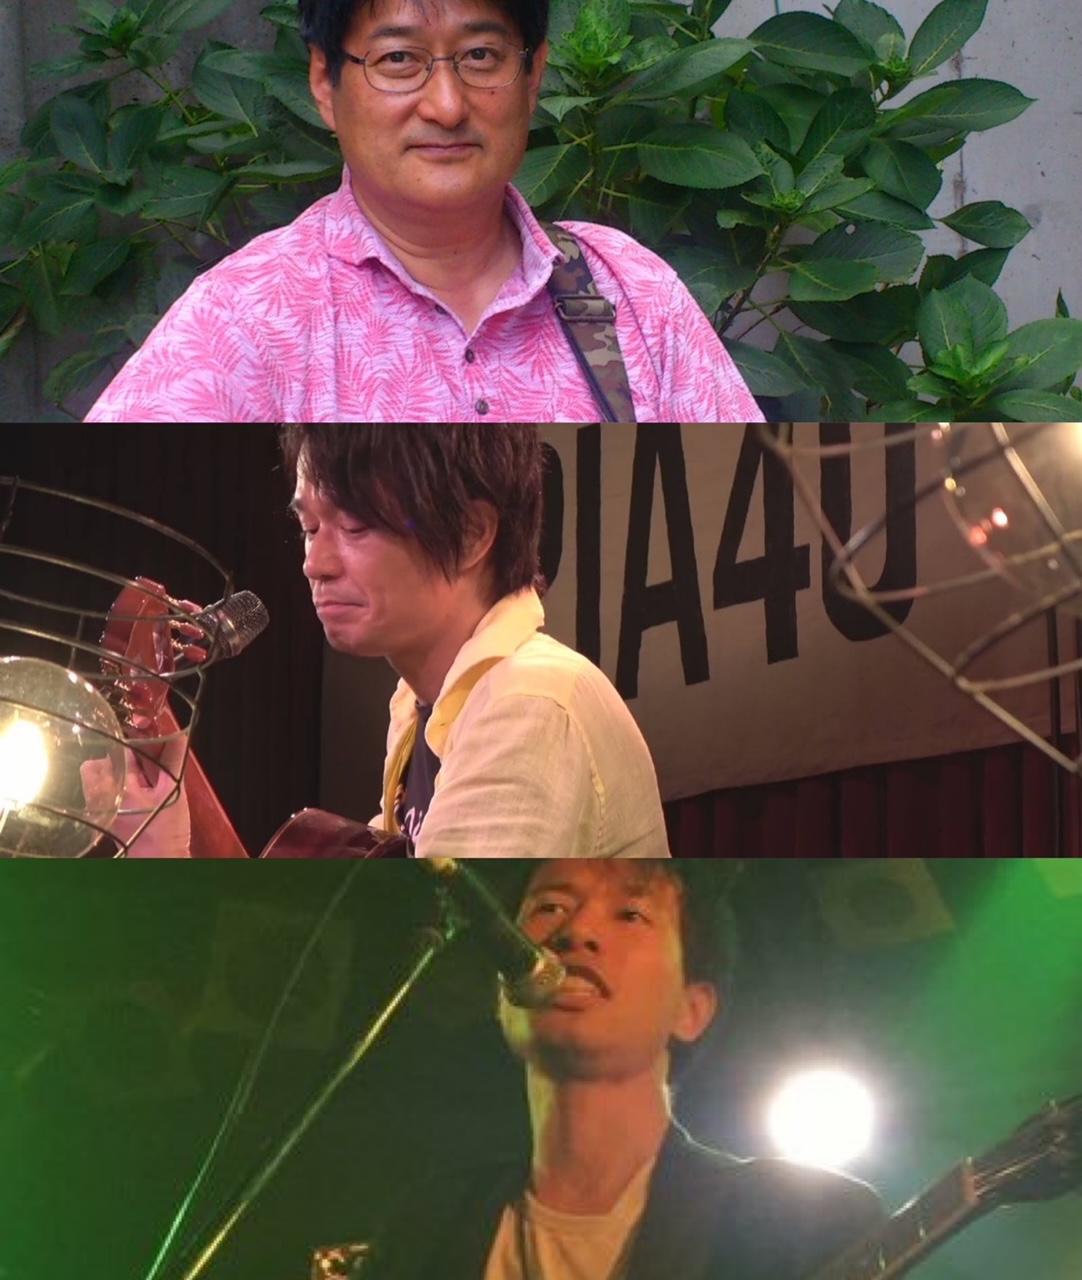 『幸せのかくし場所』出演:円つばさ / 局洋次郎 / RAI